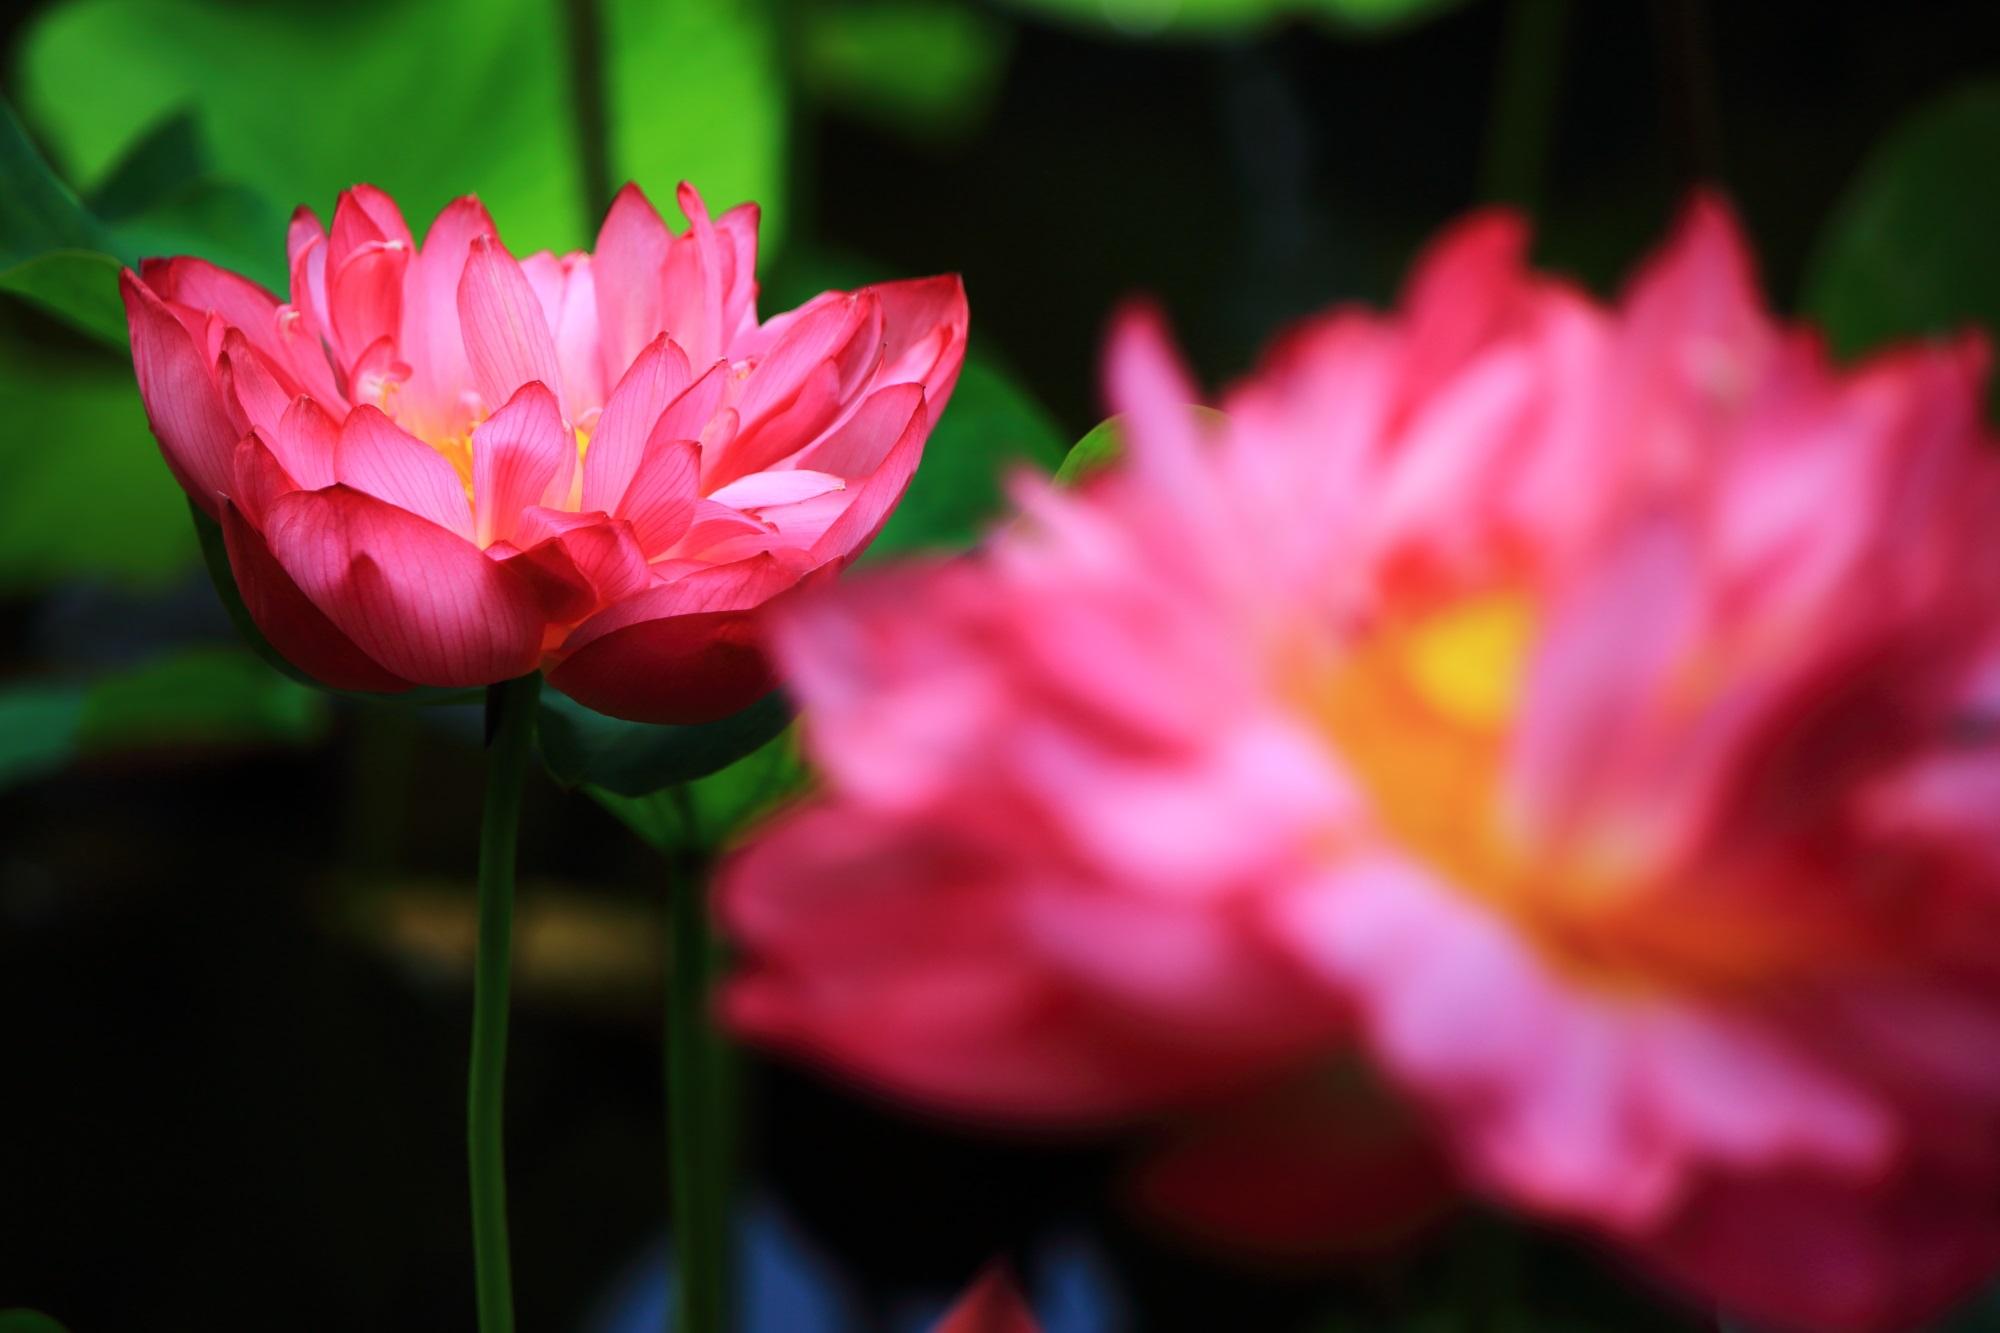 柔らかな炎が灯るように咲く勧修寺のはすの花